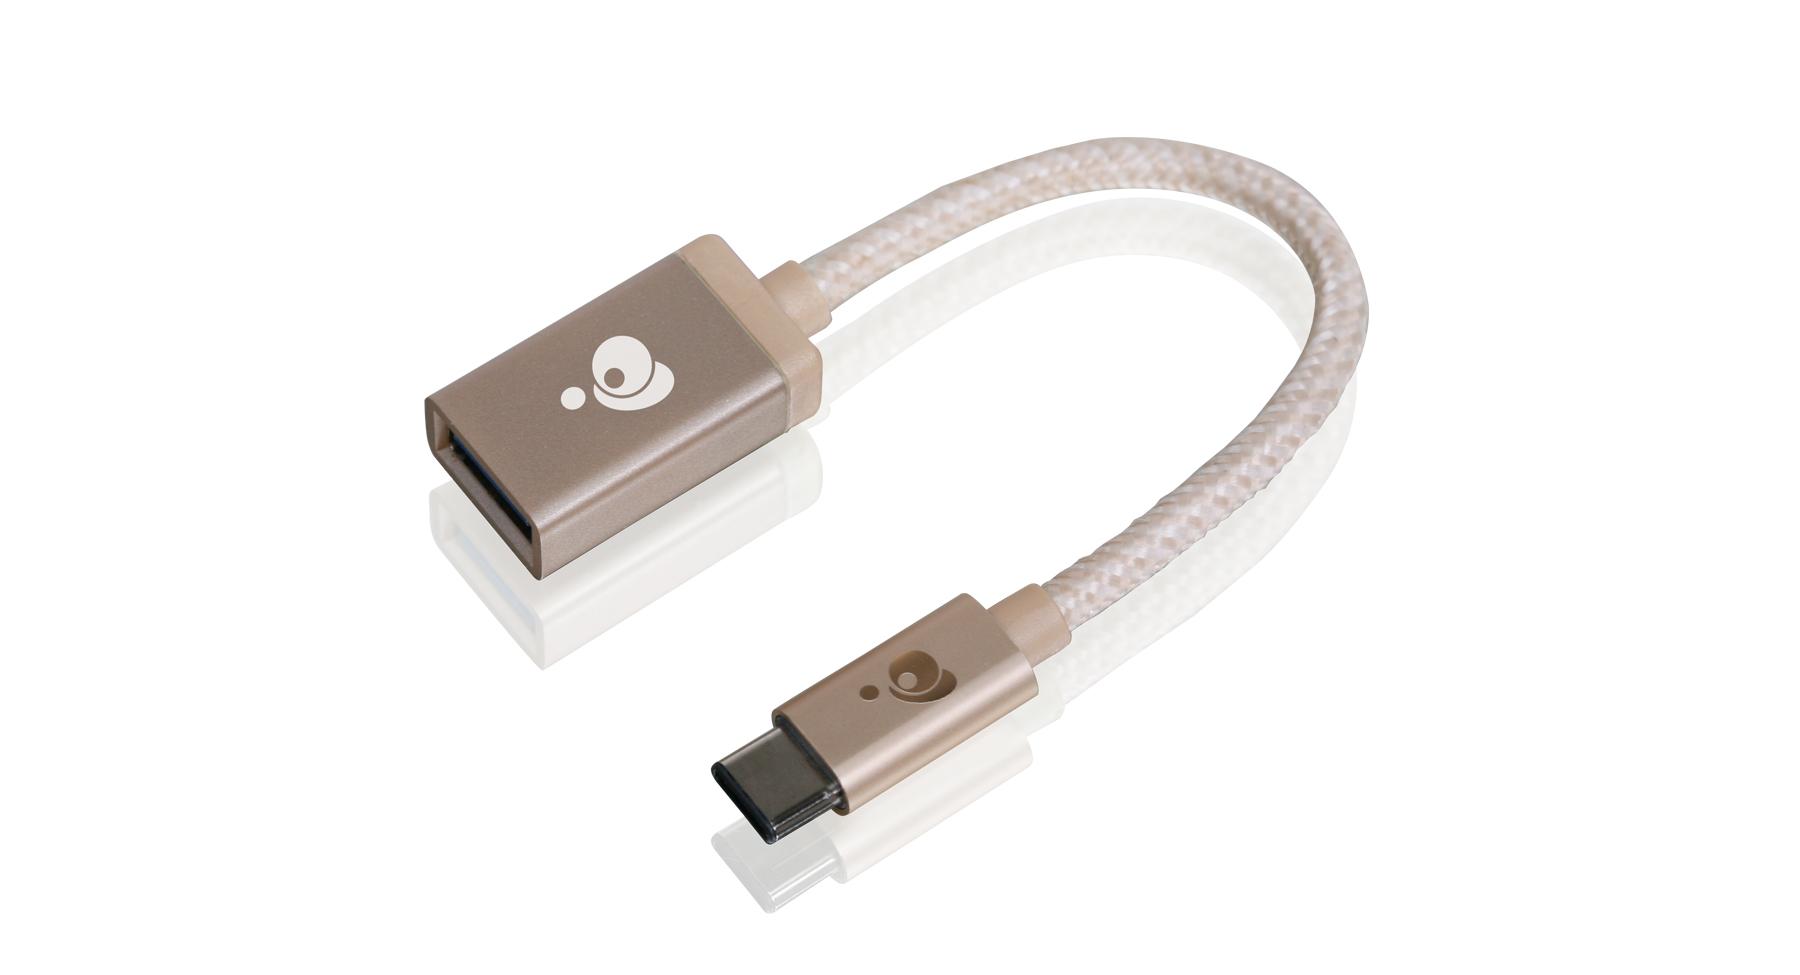 讓你的USB-Type C生活更美好!IOGEAR的USB-C系列連接線來幫忙